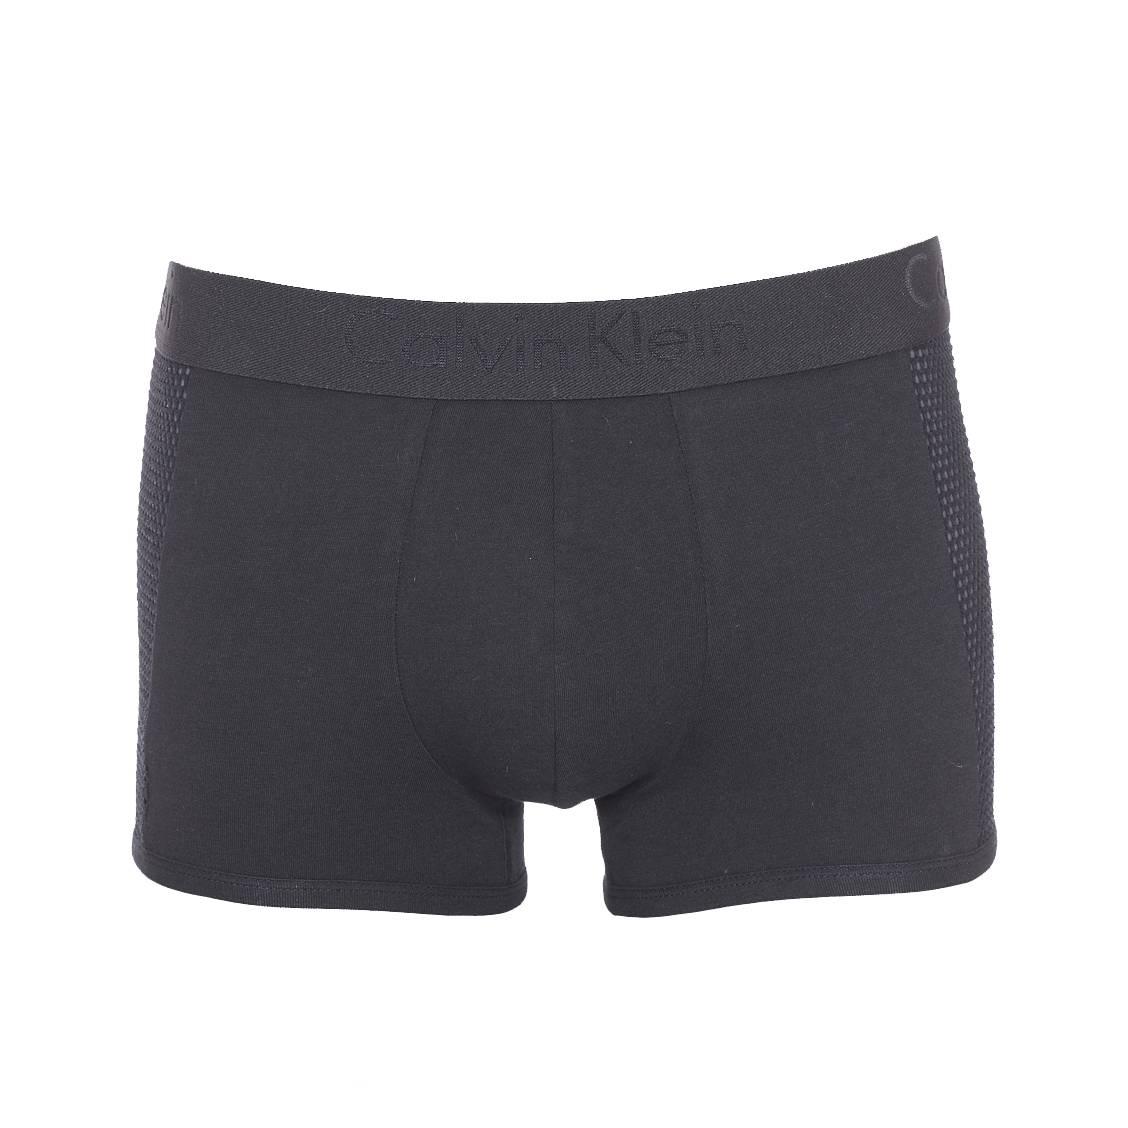 Boxer calvin klein trunk en coton stretch noir à empiècement en mesh, édition limitée